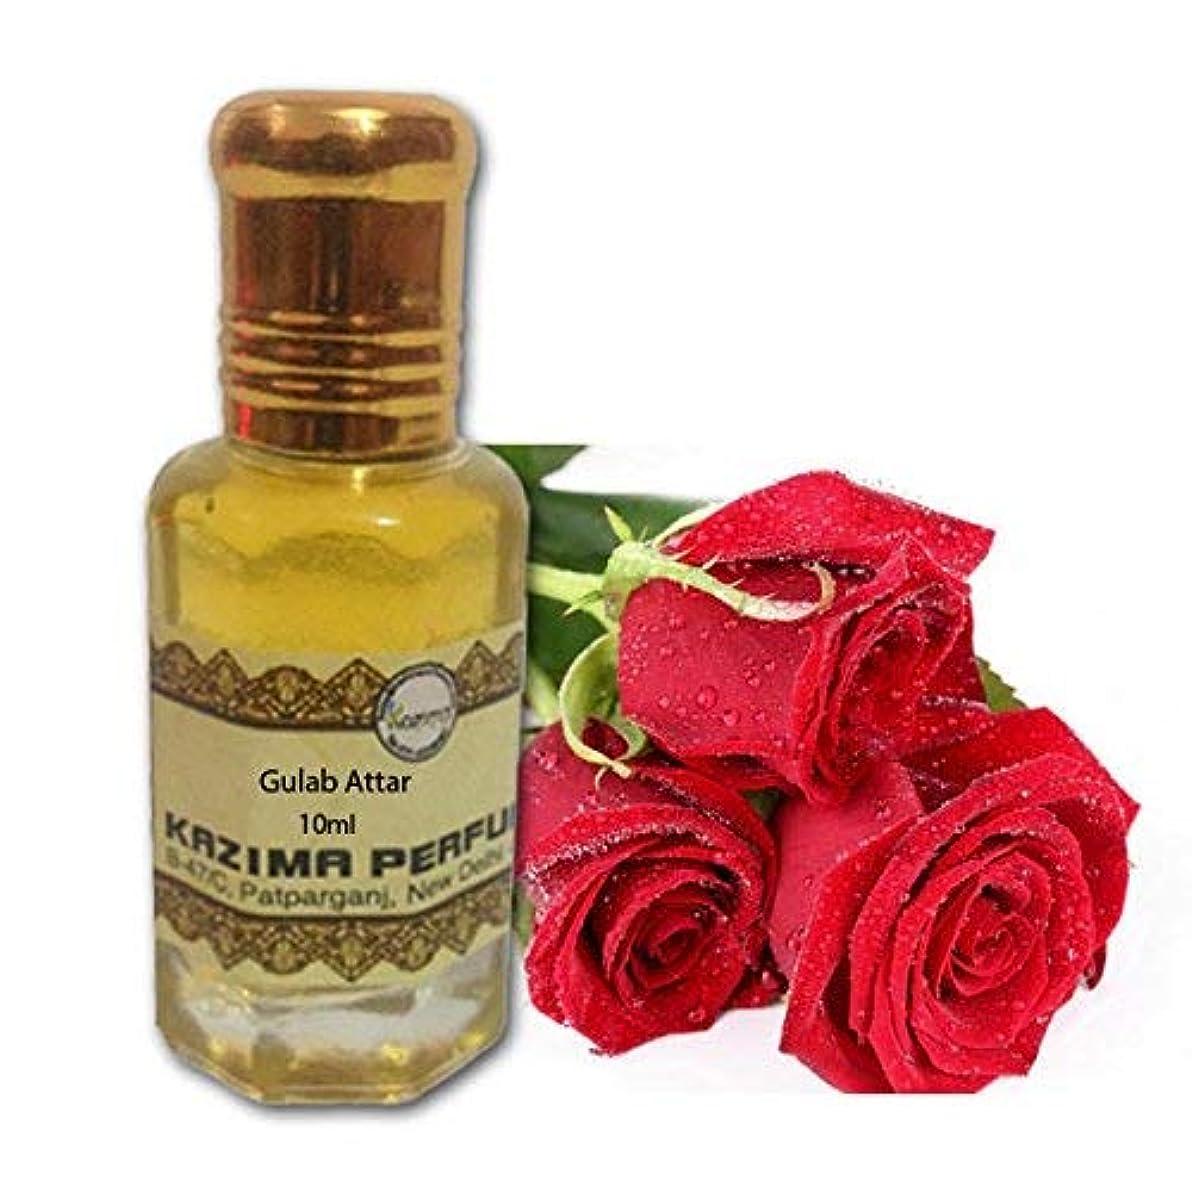 不規則なプレミア補体ユニセックスのためにGULABアター香水 - ピュアナチュラル希釈していない(ノンアルコール)(10ミリリットル)|アターITRA最高品質の香水はアターを持続長いスプレー